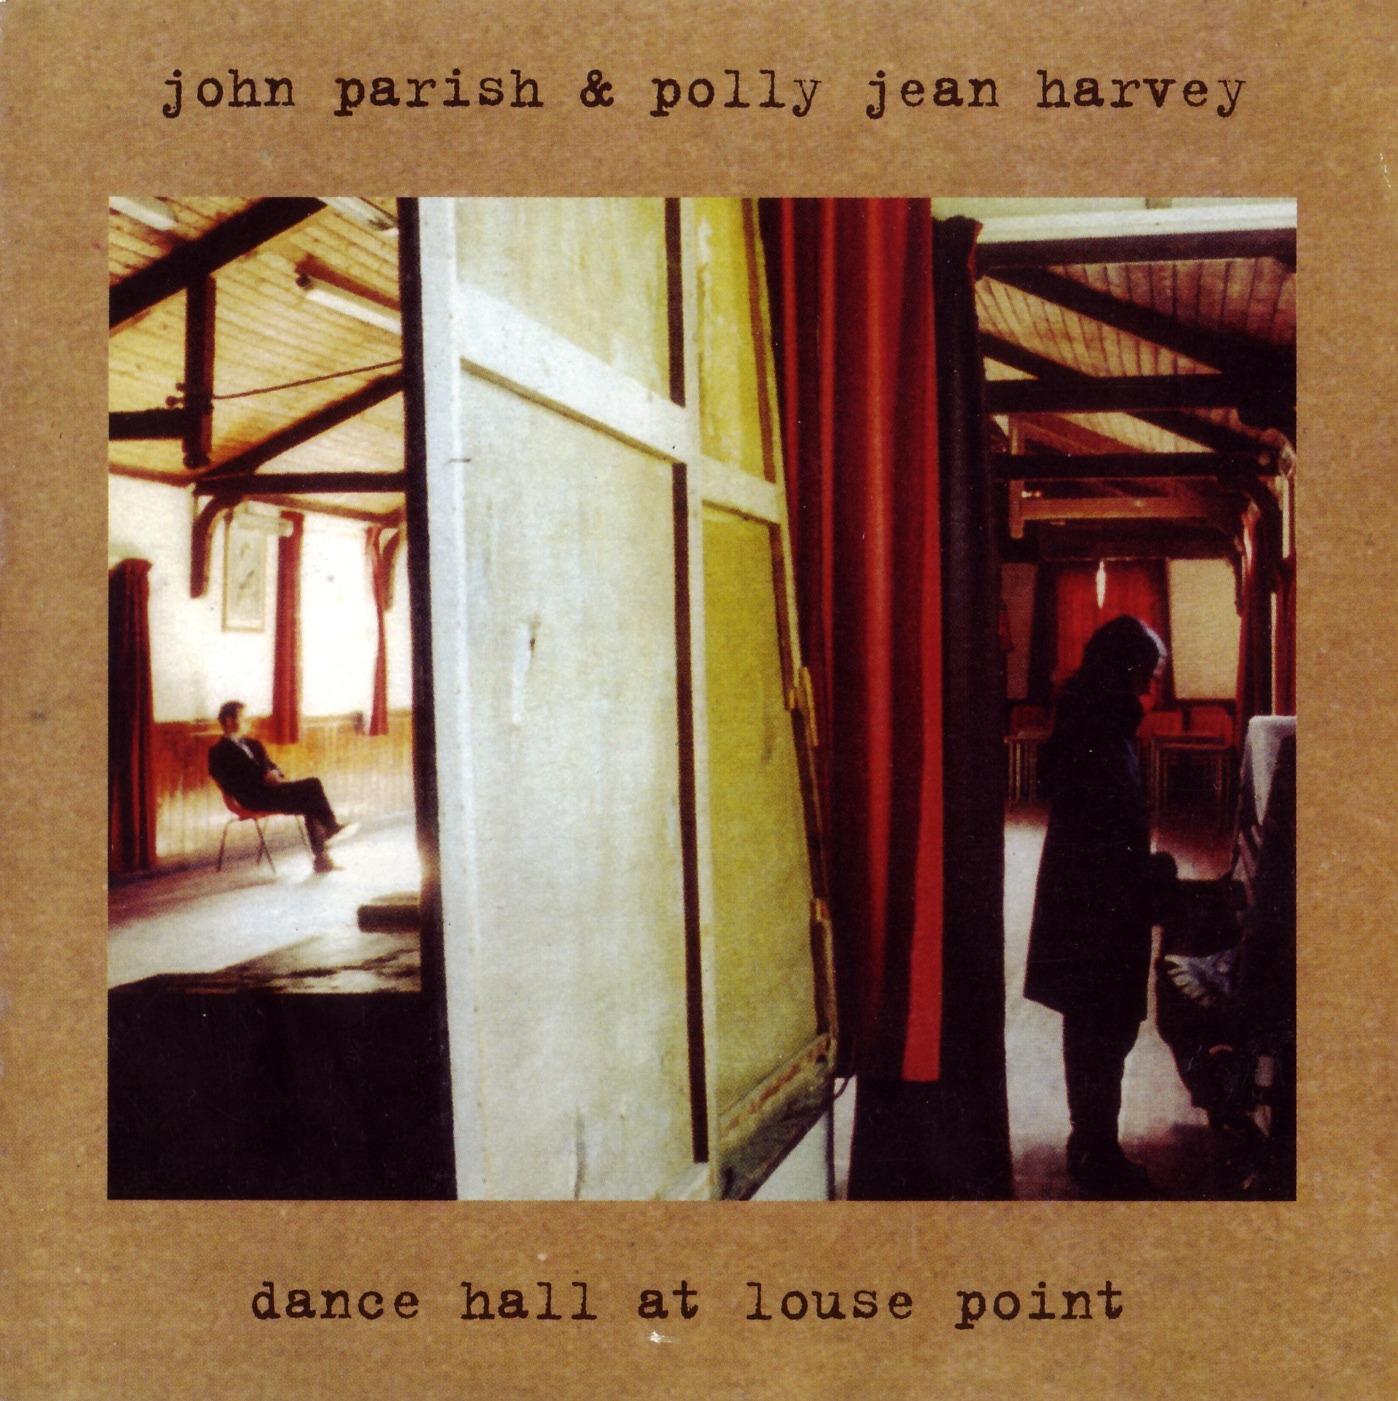 pj_harvey_-_1996_dance_hall_at_louse_point